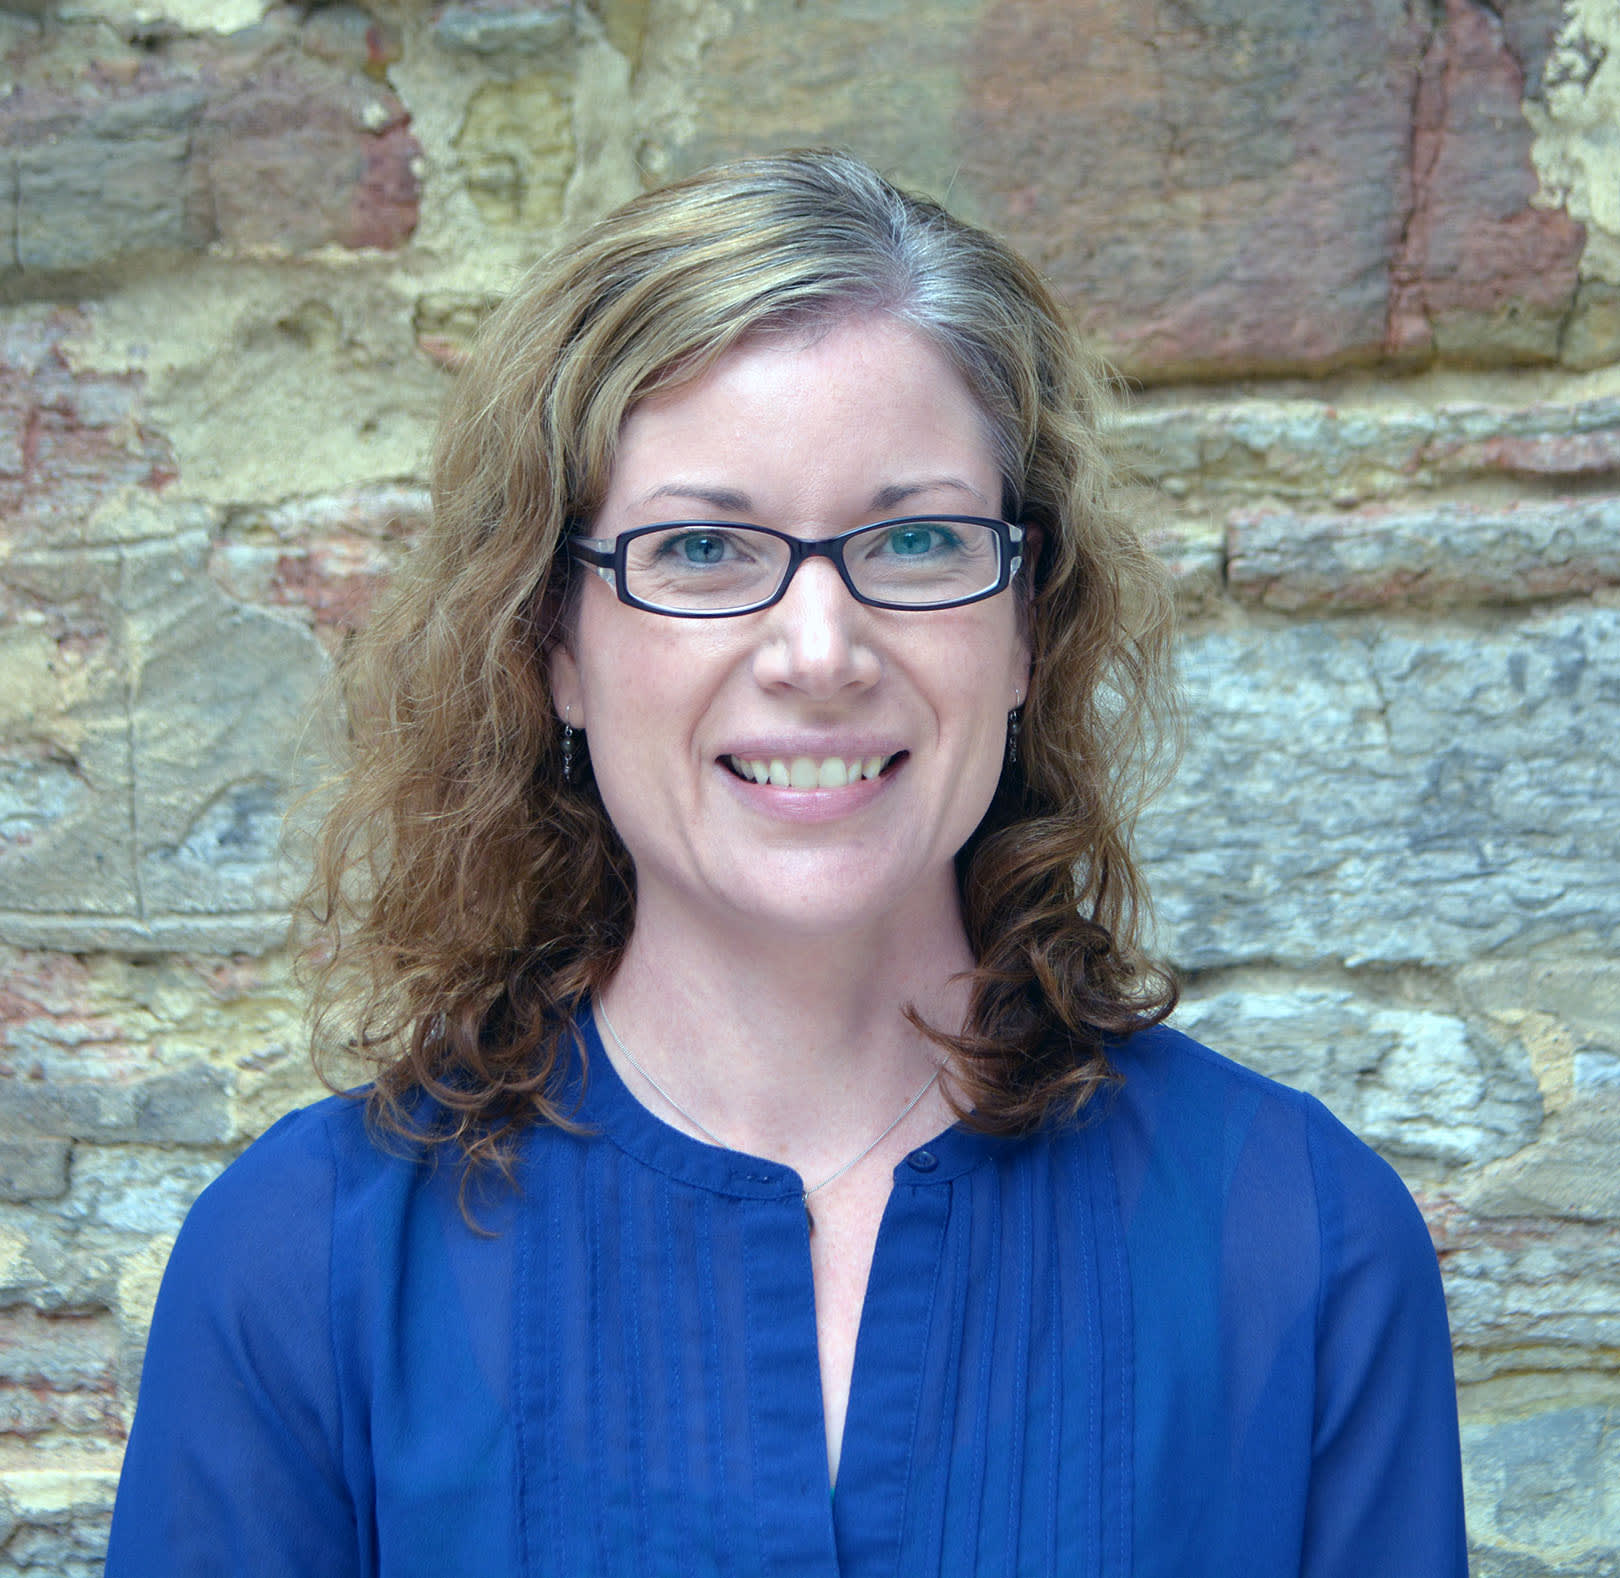 Angela Wolf Scott - main image